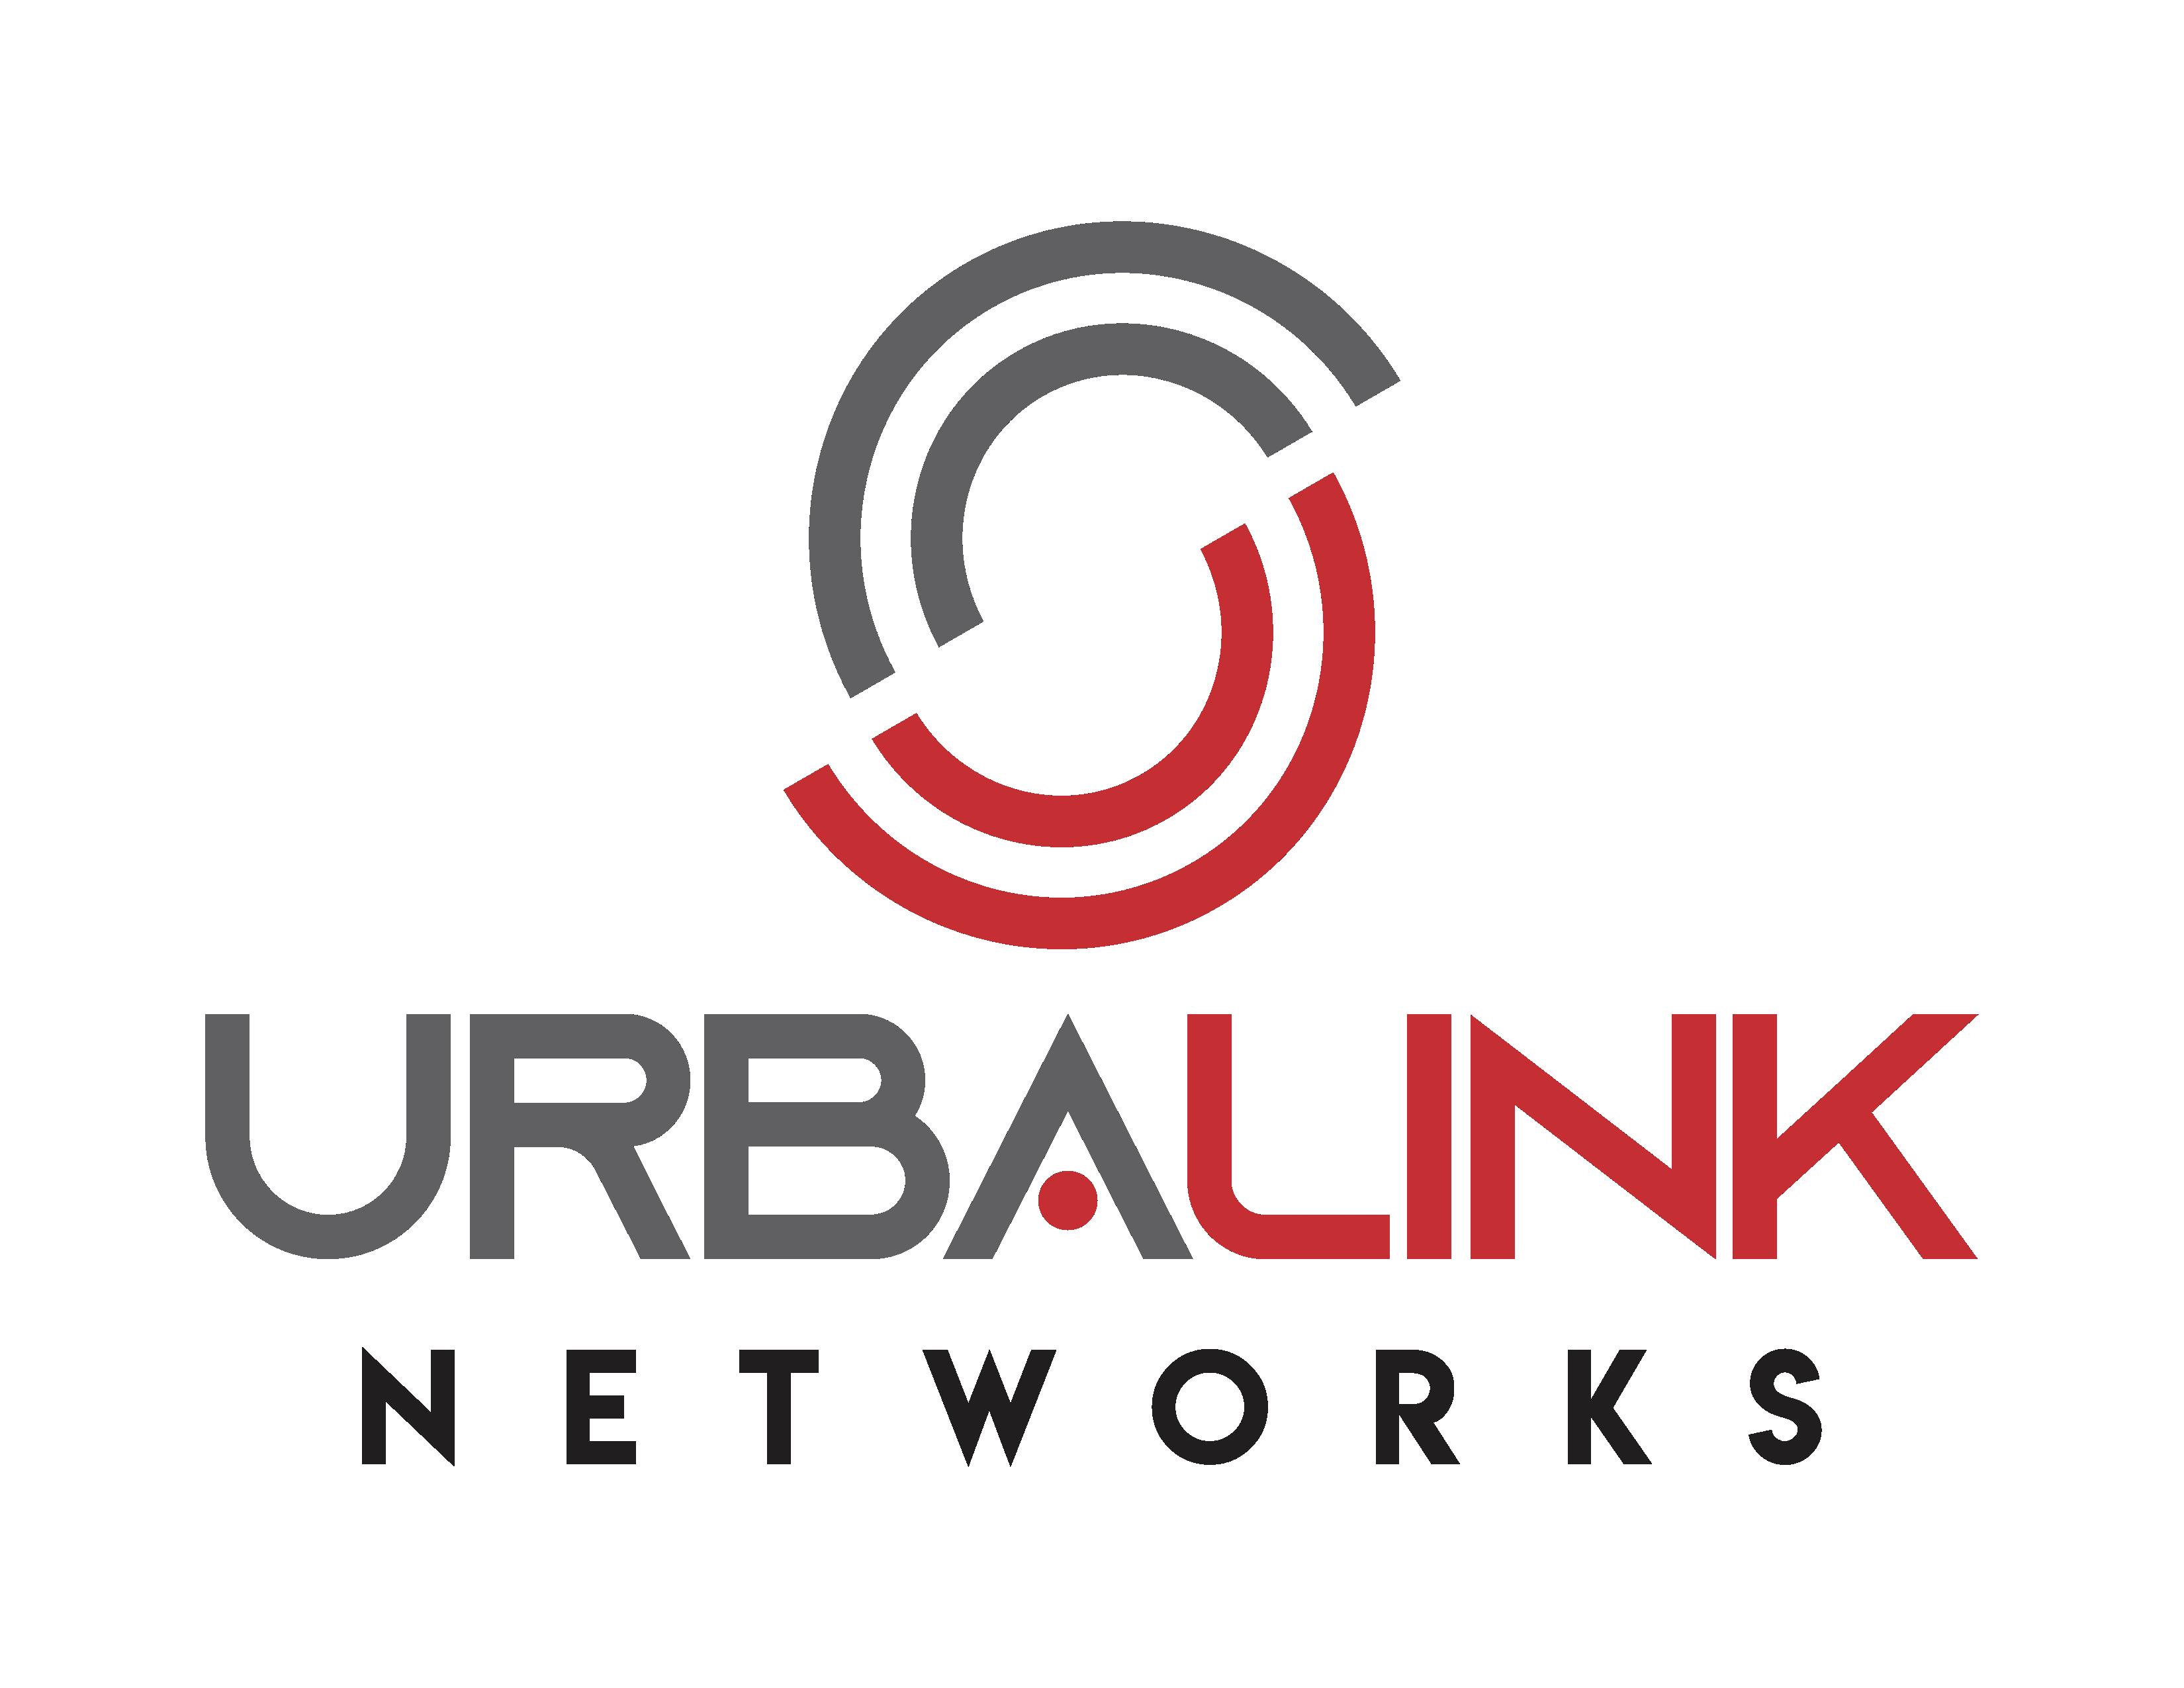 Urbalink Logo PNG